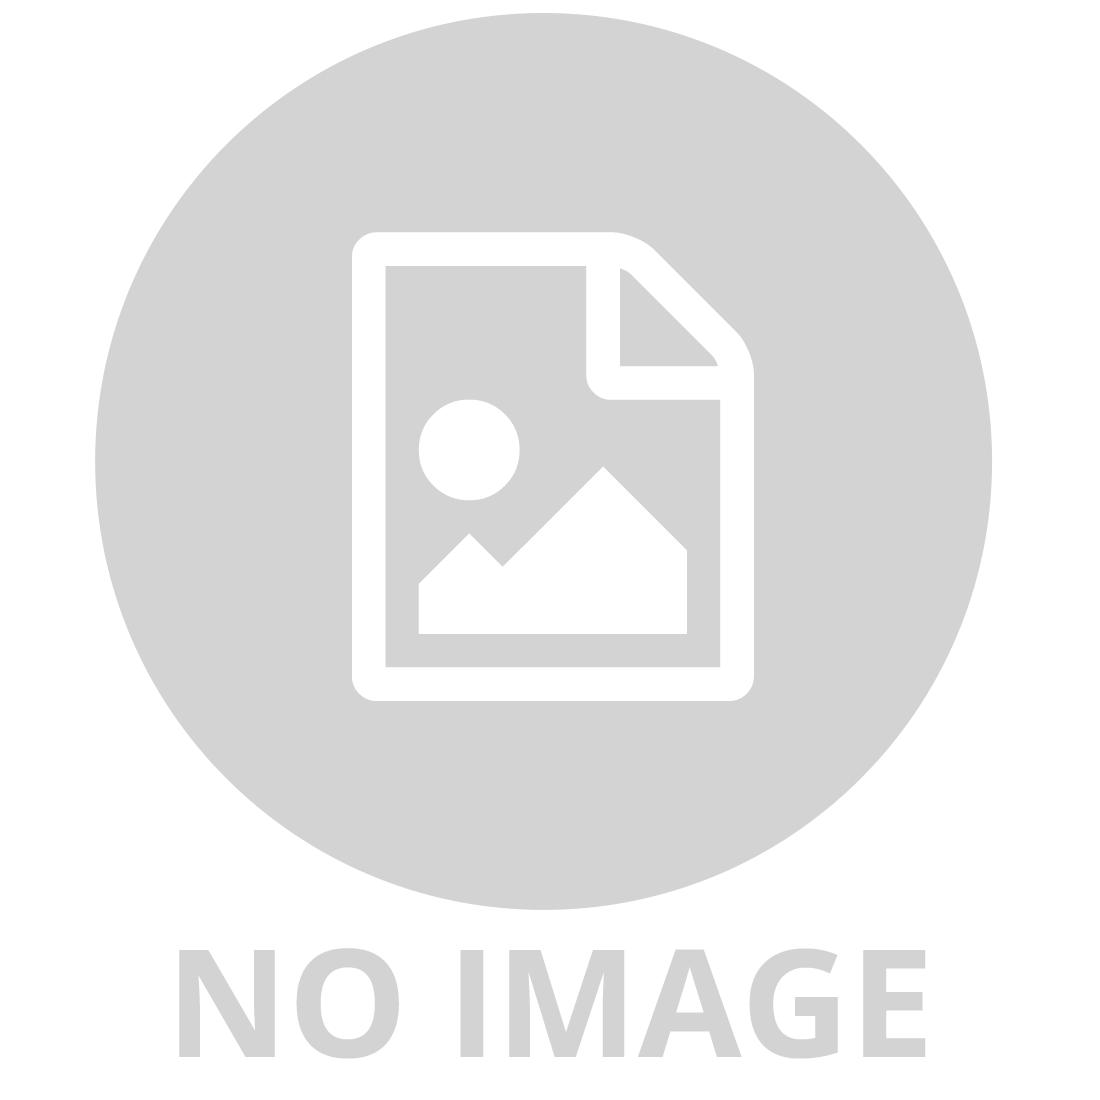 RAVENSBUGER 300PC JIGSAW PUZZLE SMILING SHARKS